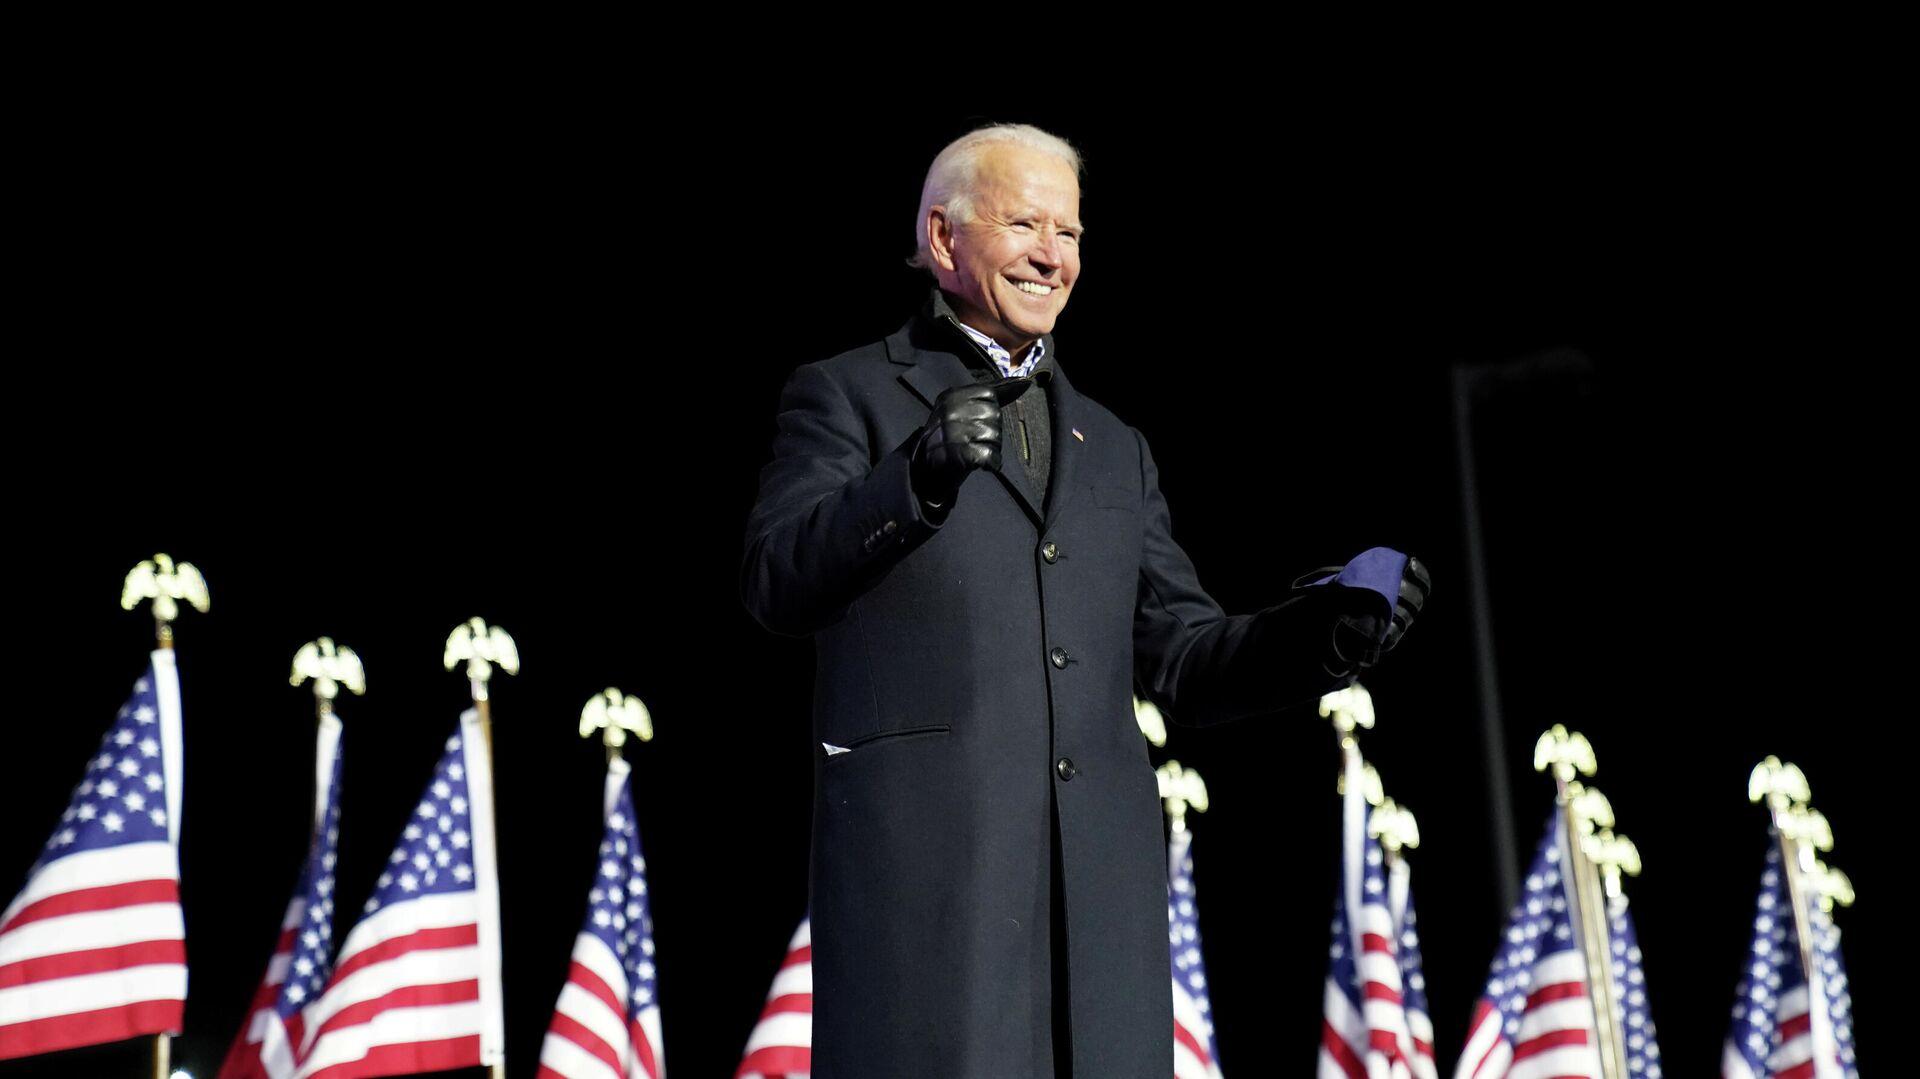 Кандидат в президенты США Джо Байден во время выступления в Питтсбурге, Пенсильвания - РИА Новости, 1920, 08.11.2020